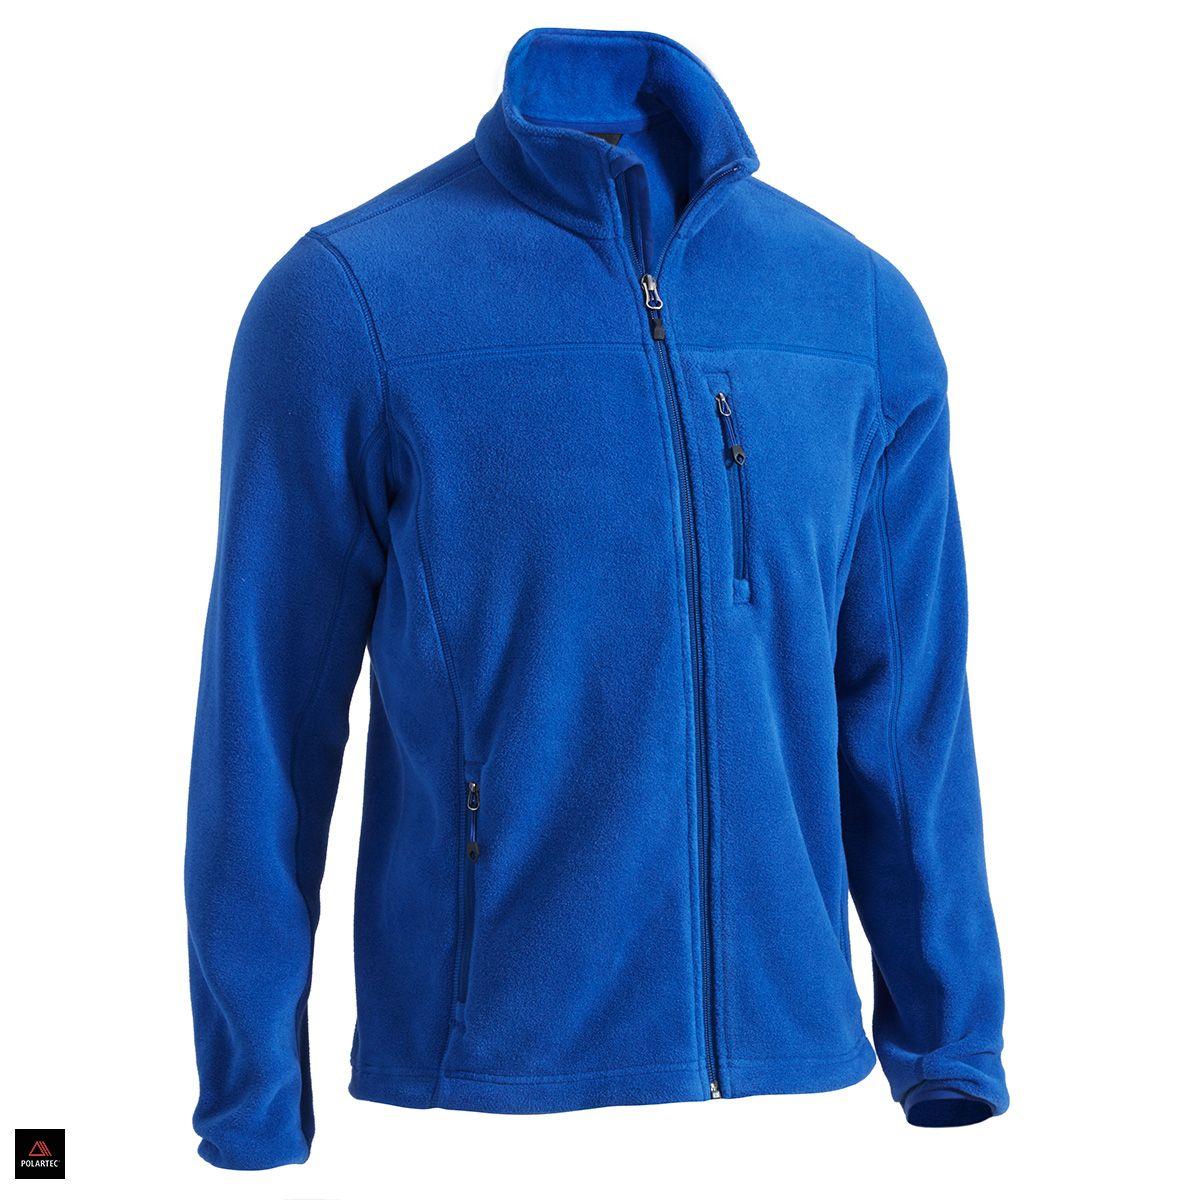 easternmntn Men's Classic 200 Fleece Jacket